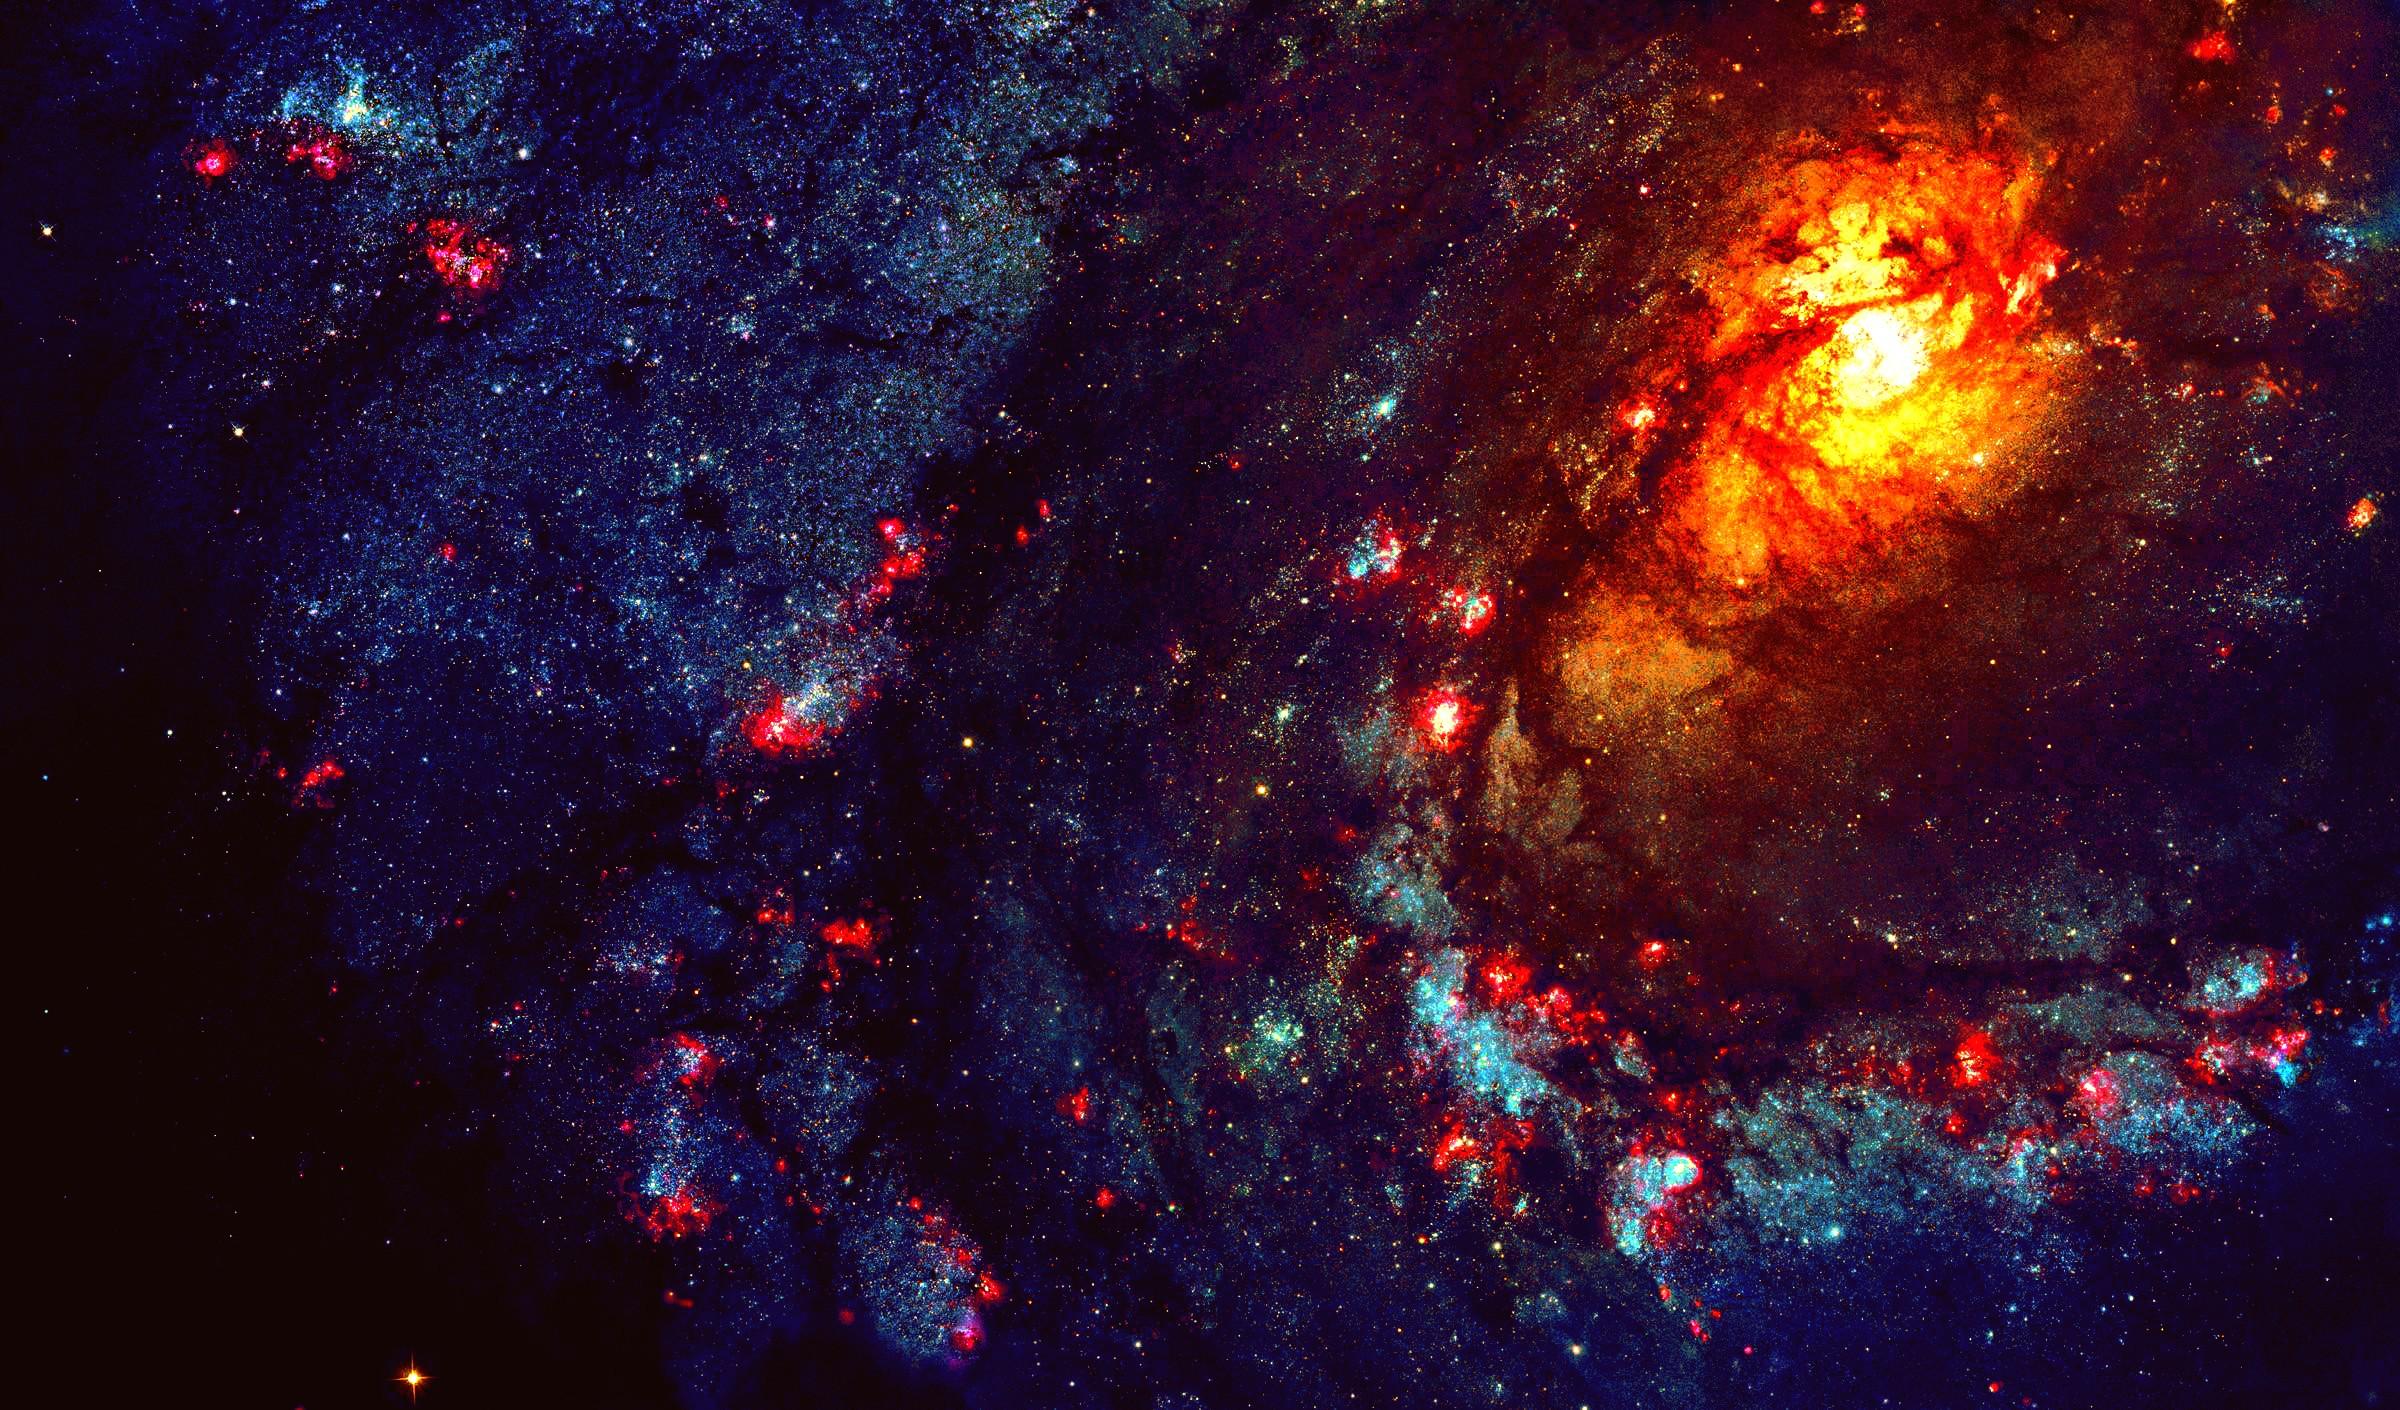 самые популярные картинки космоса способ